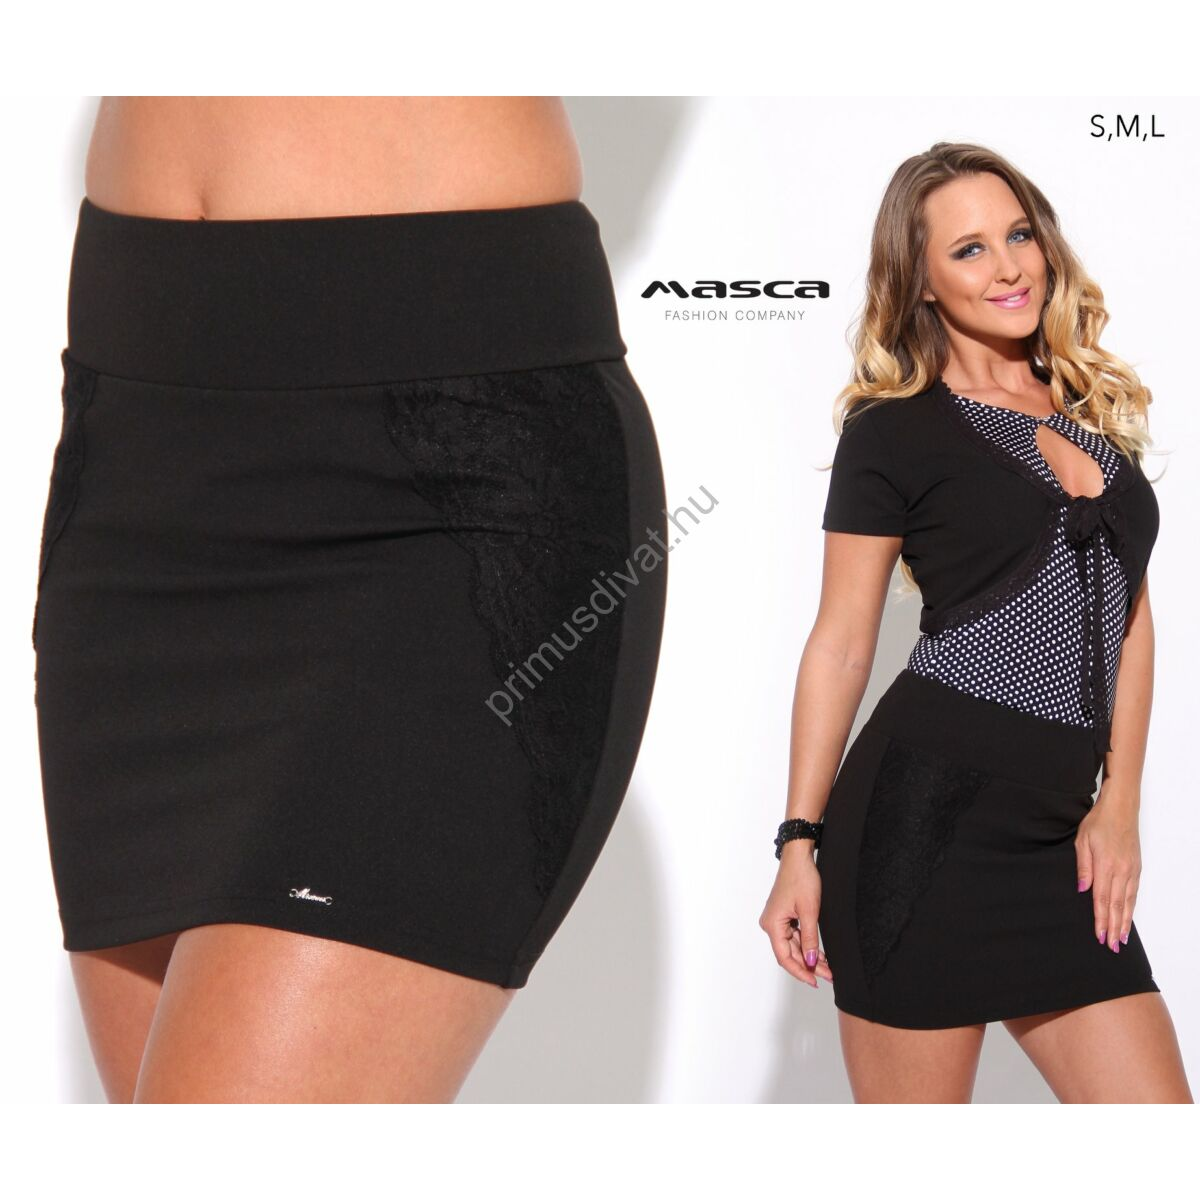 adf173dc14 Masca Fashion magasított derekú, oldalán csipkerátétes rugalmas fekete  miniszoknya